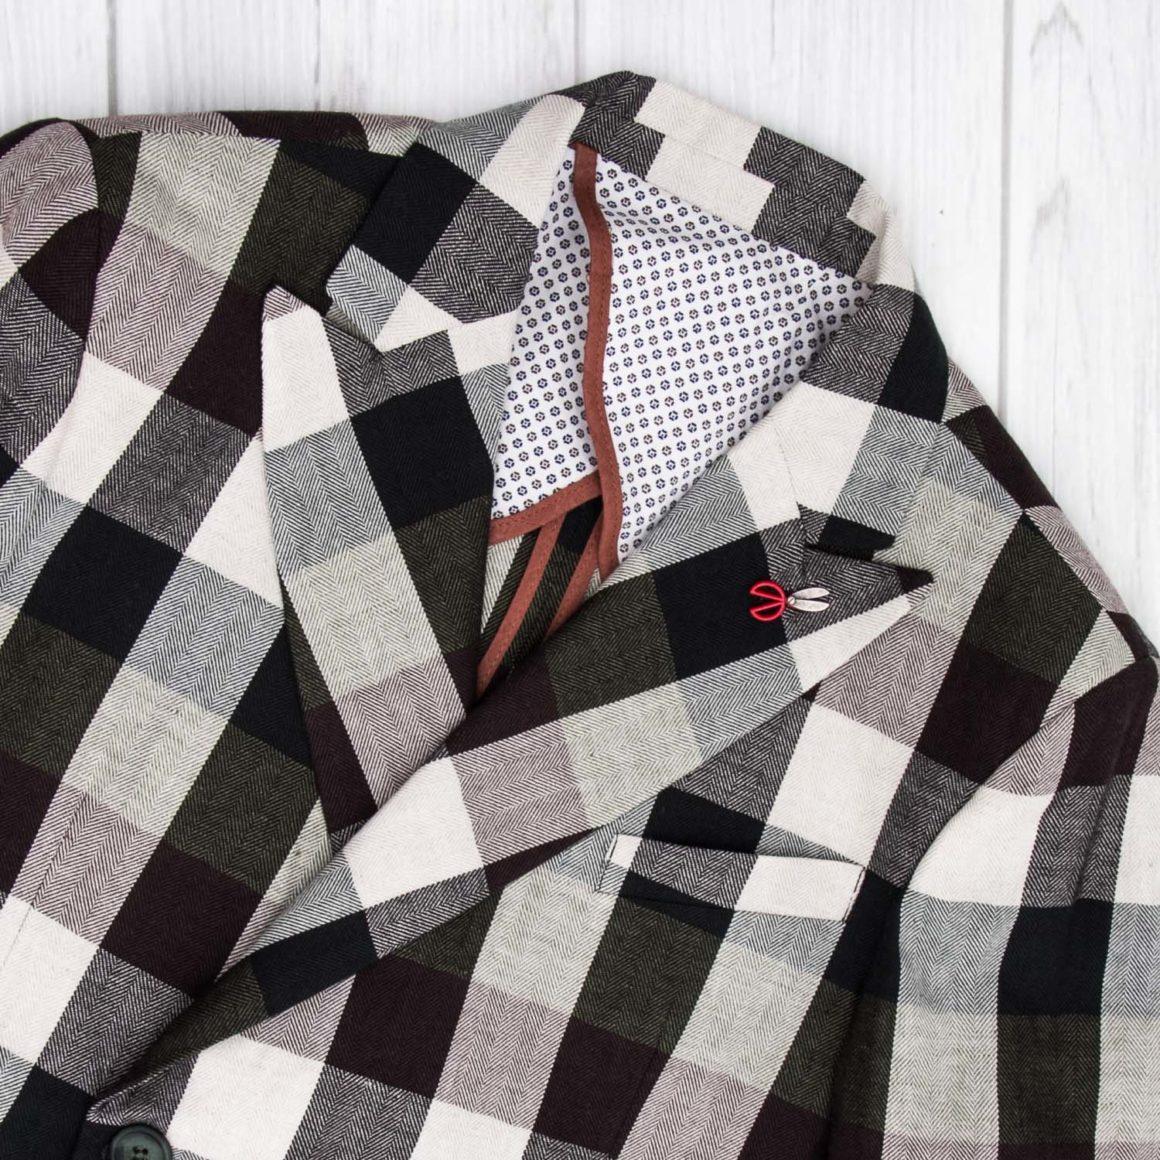 separation shoes 382d1 db588 Come abbinare una giacca a quadri - Il blog del Marchese